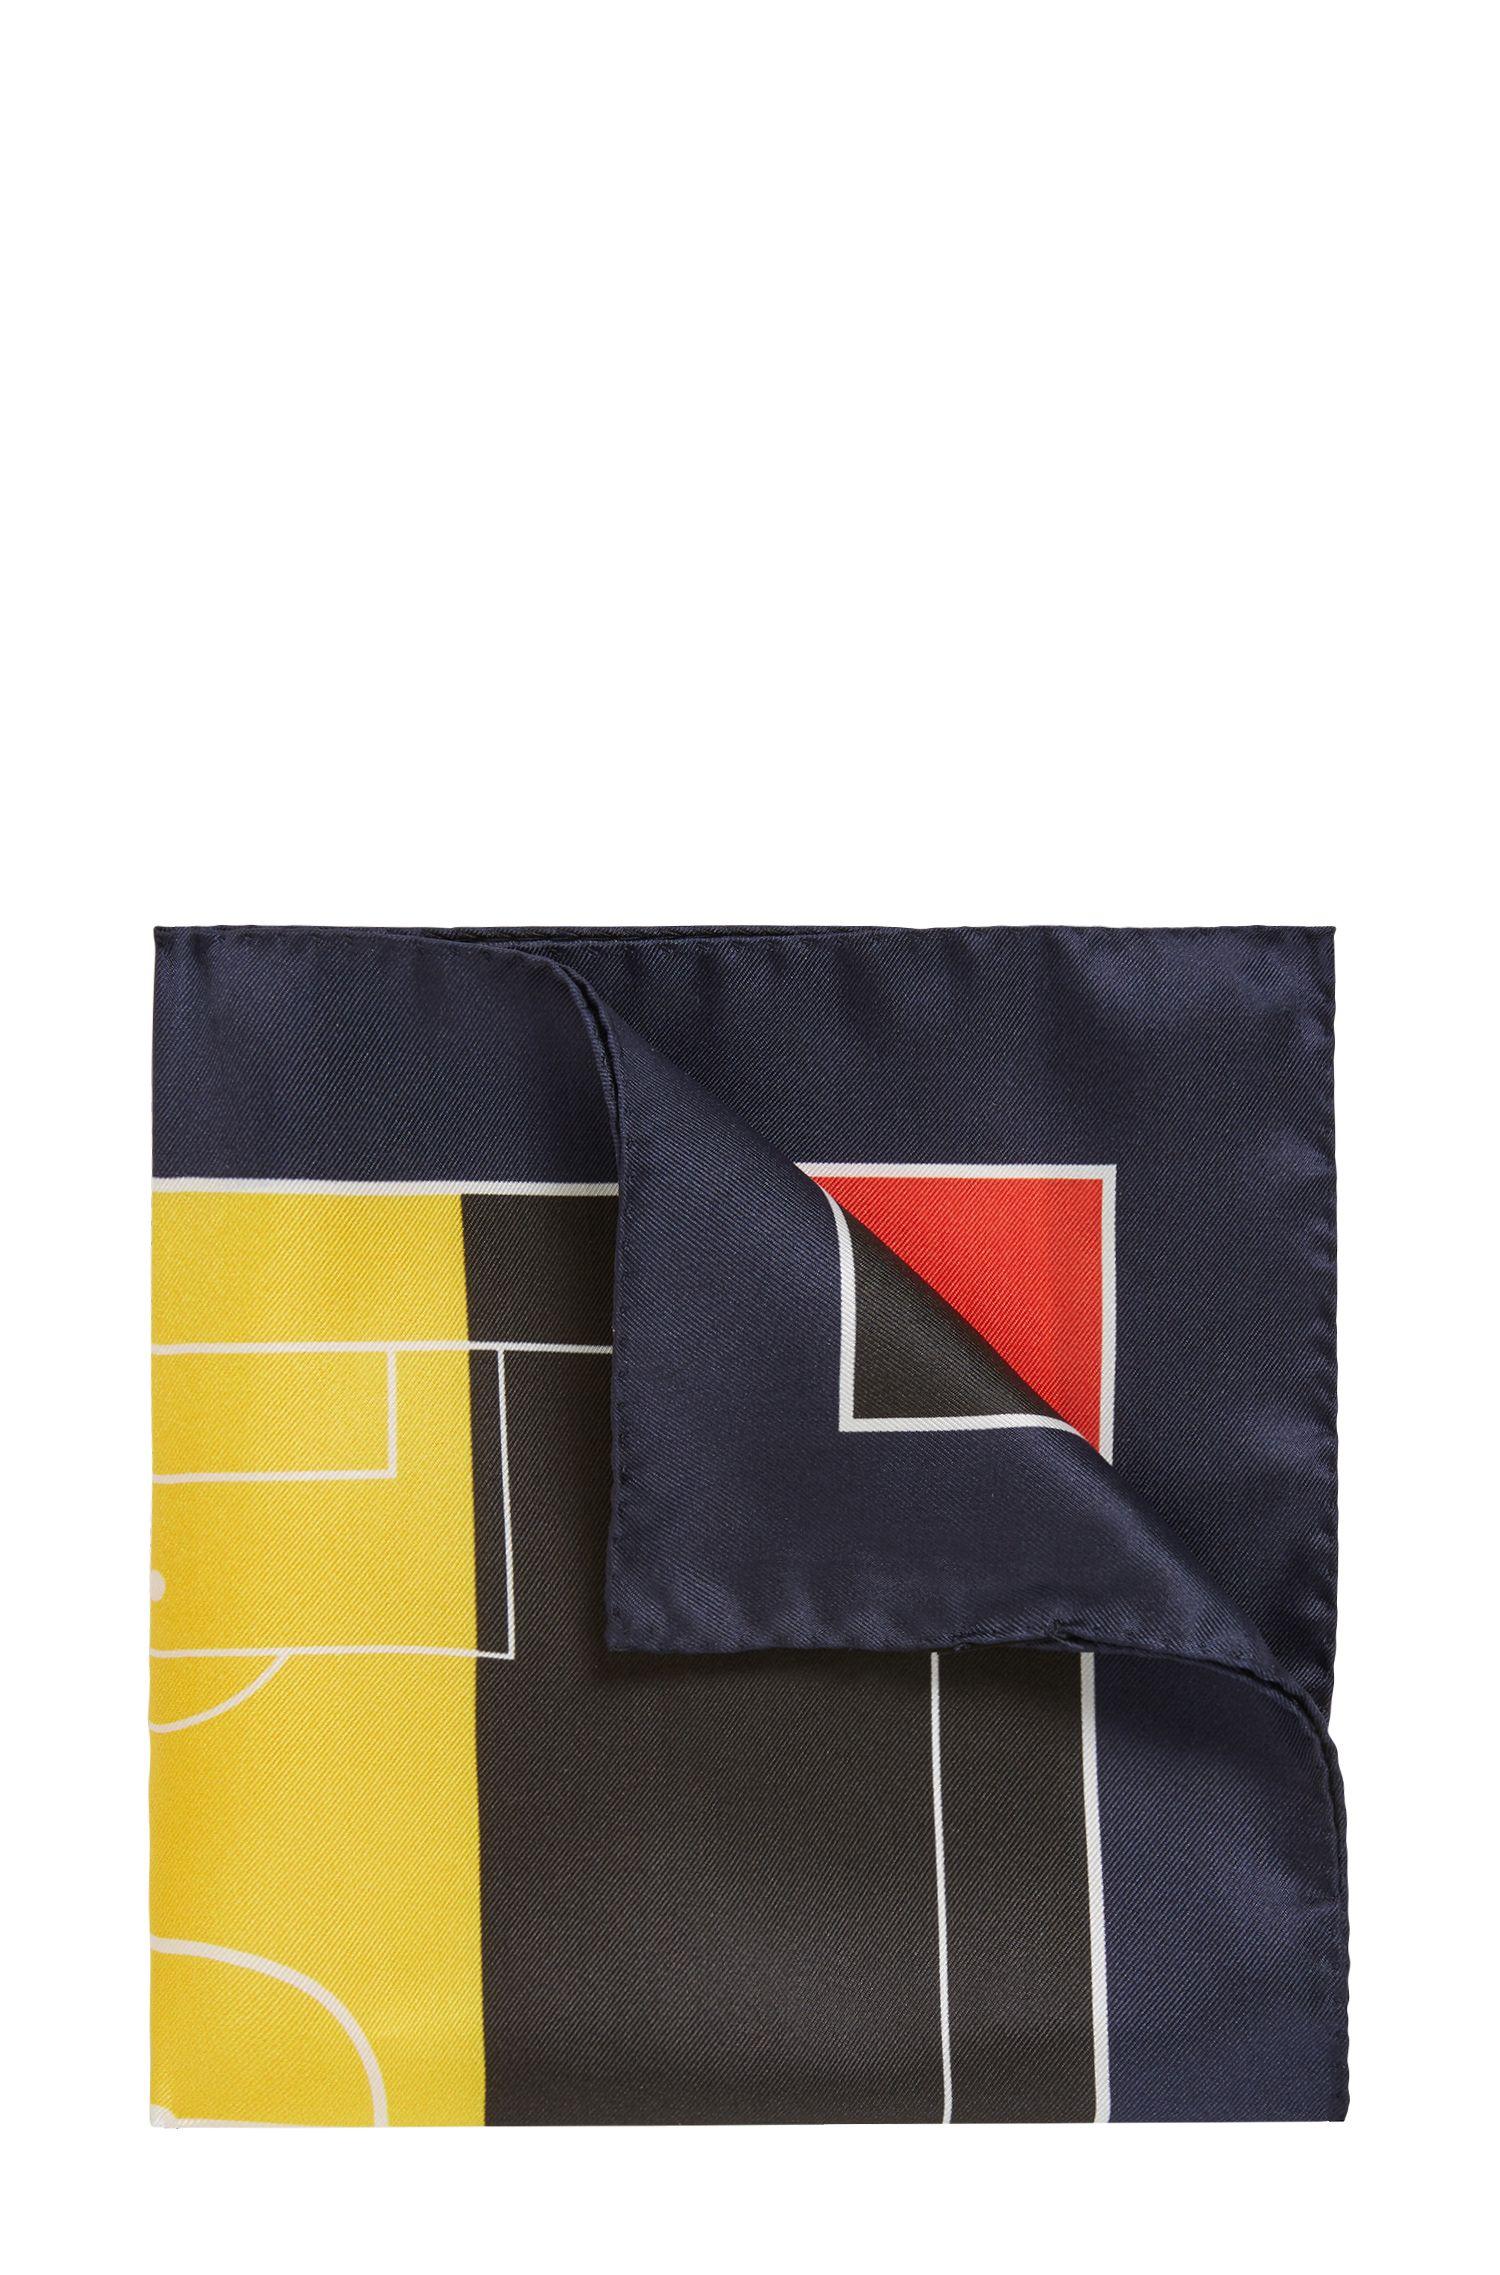 Einstecktuch aus Seide in den Farben der Landesflaggen